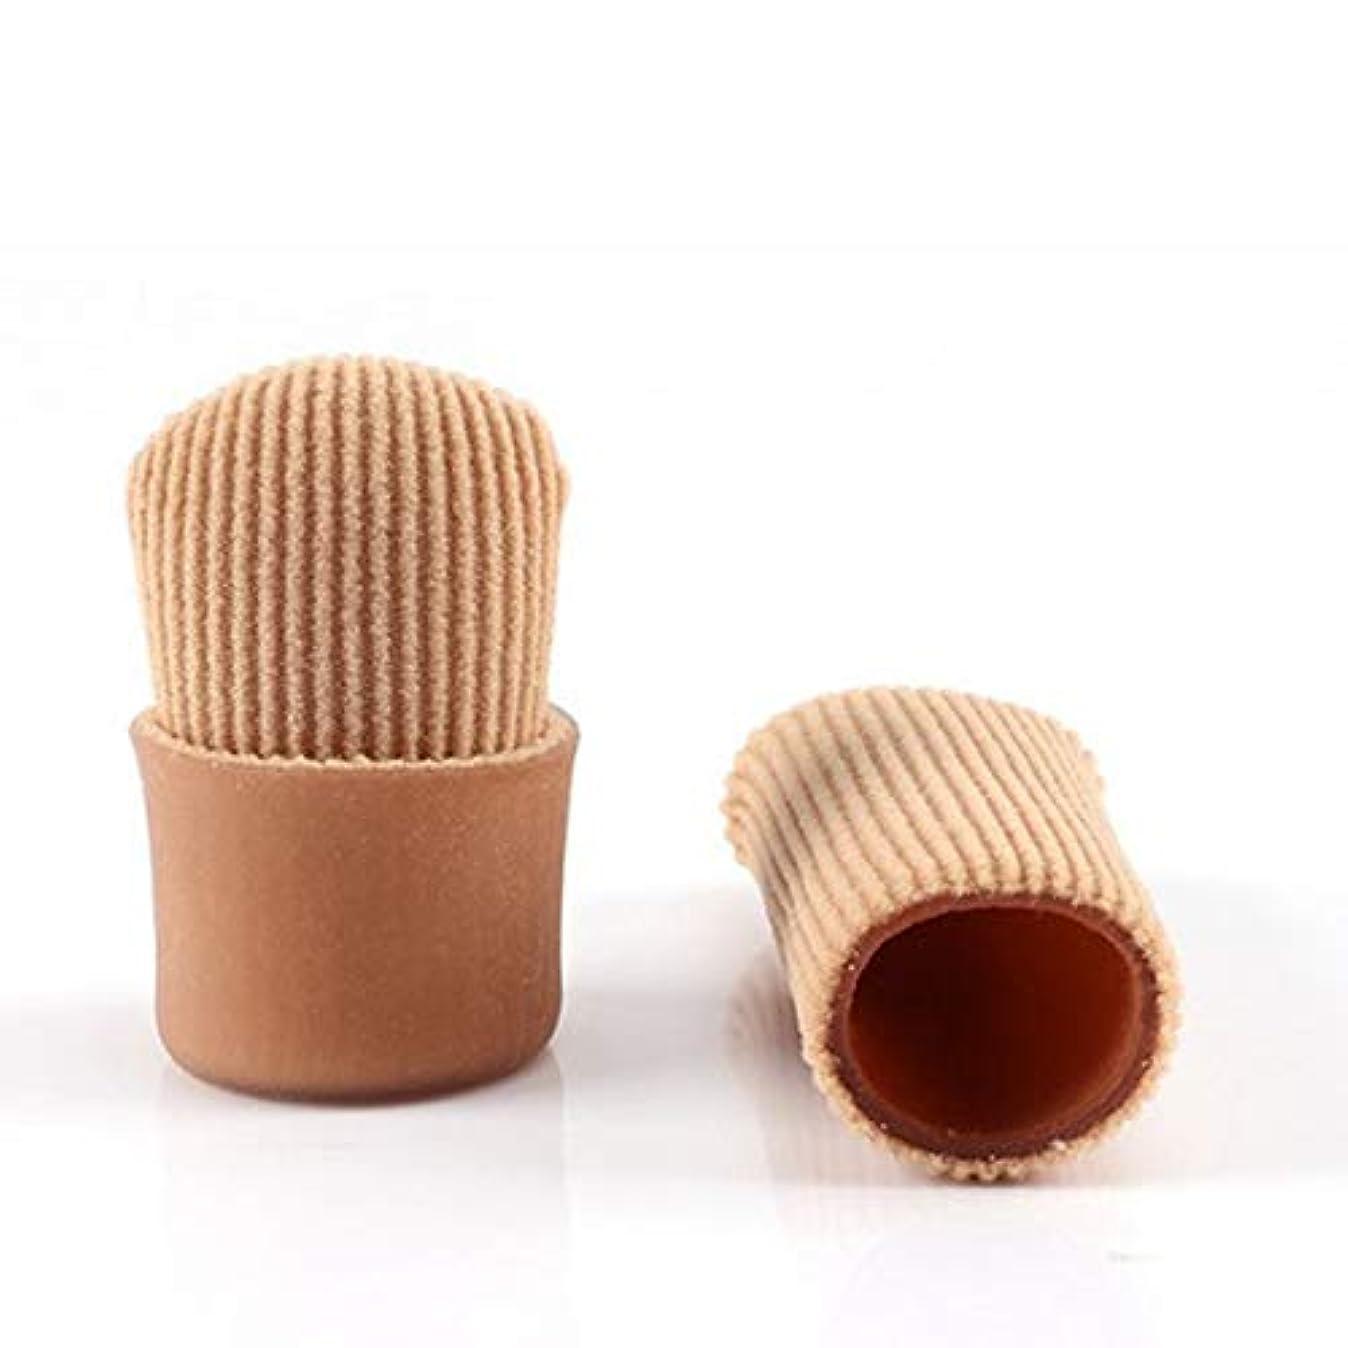 胚芽チーズだらしないOpen Toe Tubes Gel Lined Fabric Sleeve Protectors To Prevent Corns, Calluses And Blisters While Softening And...